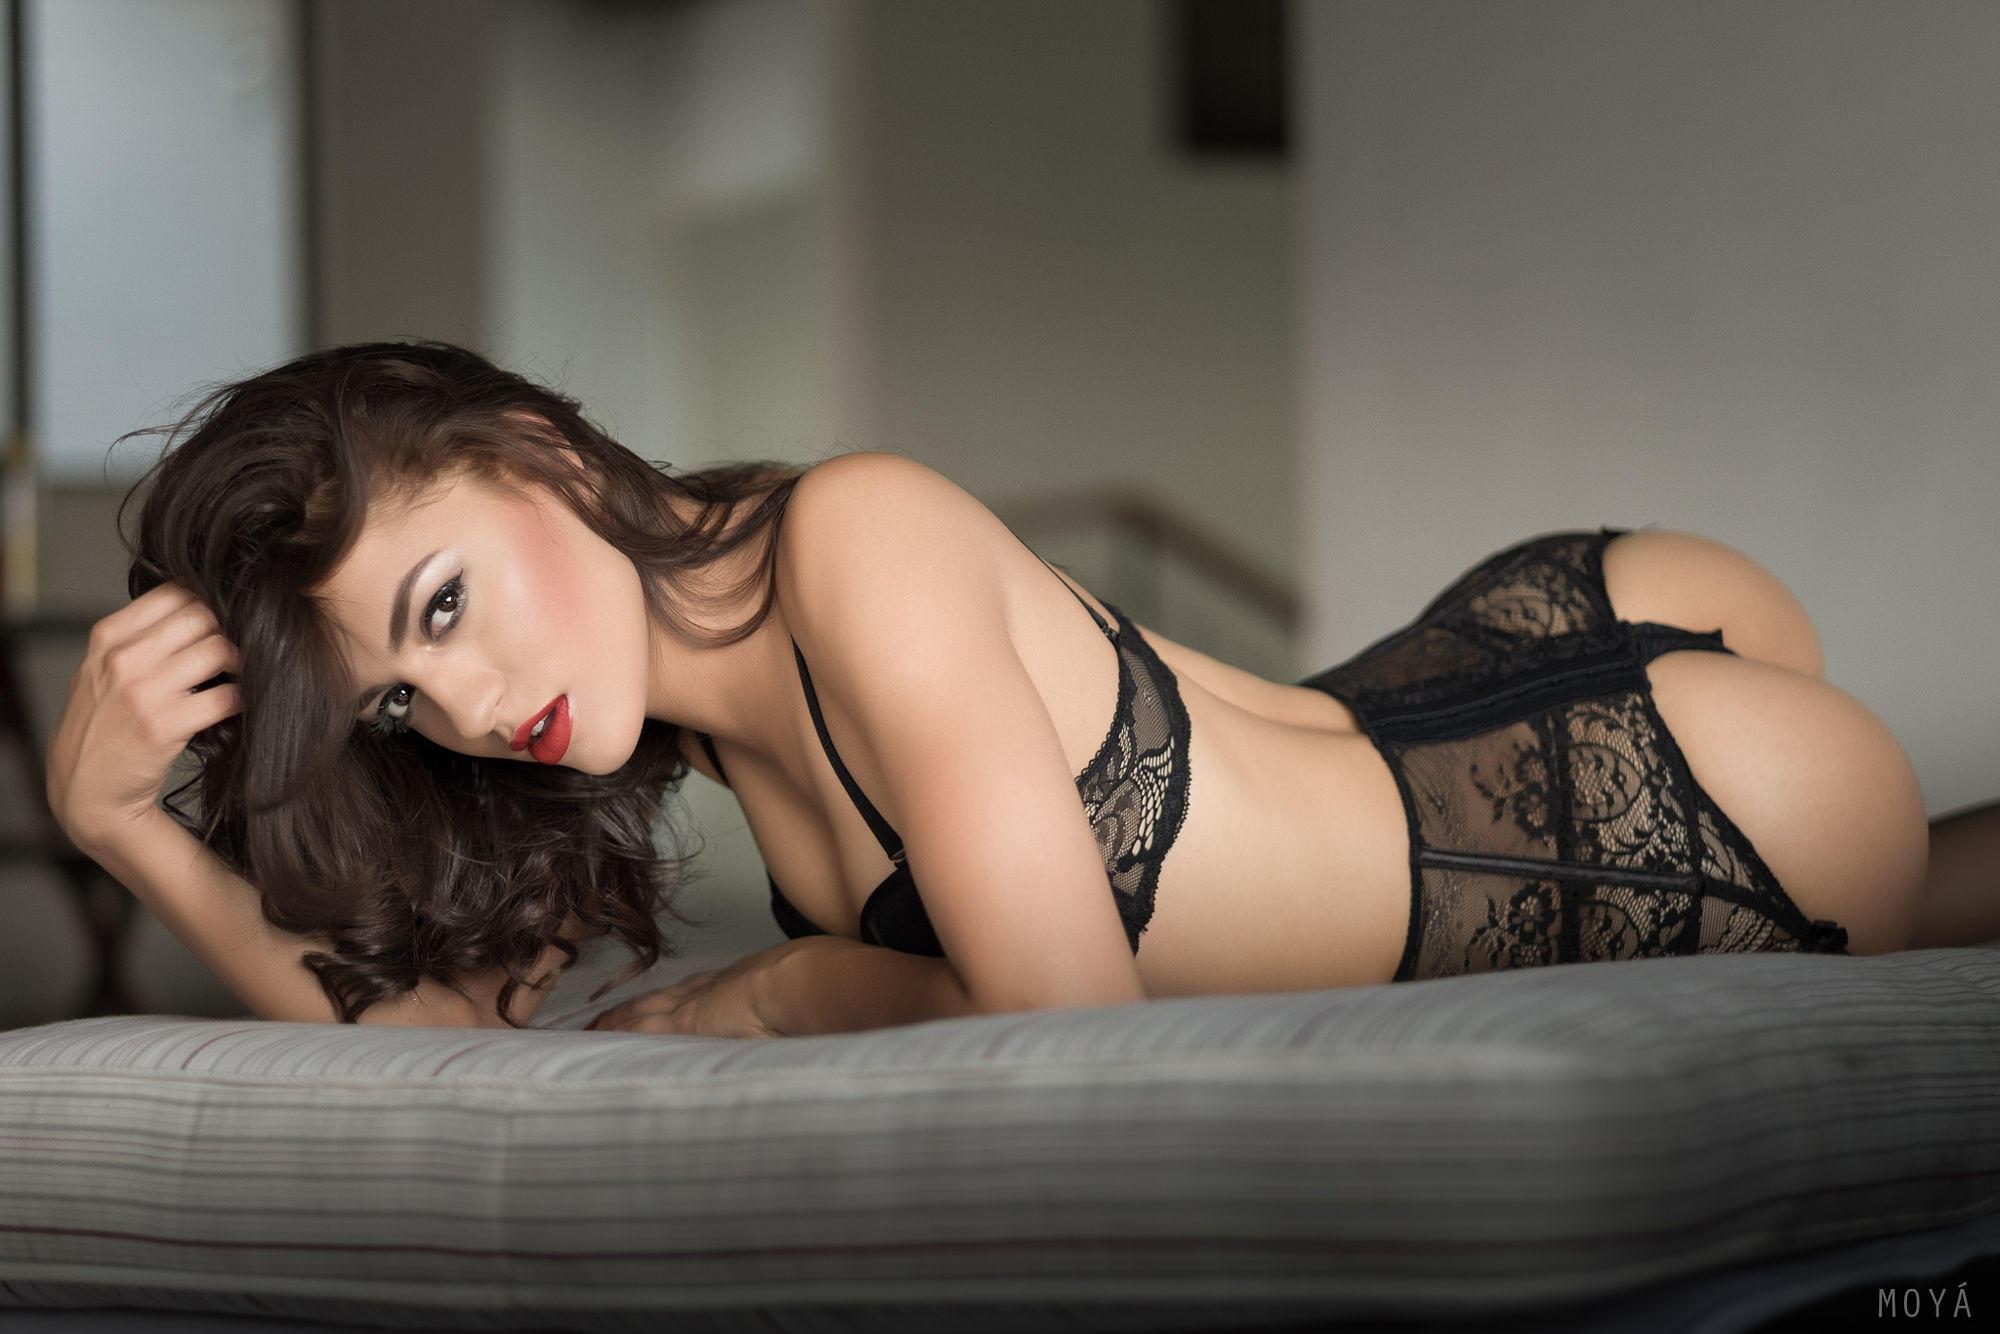 otkrovennoe-foto-eroticheskih-bryunetok